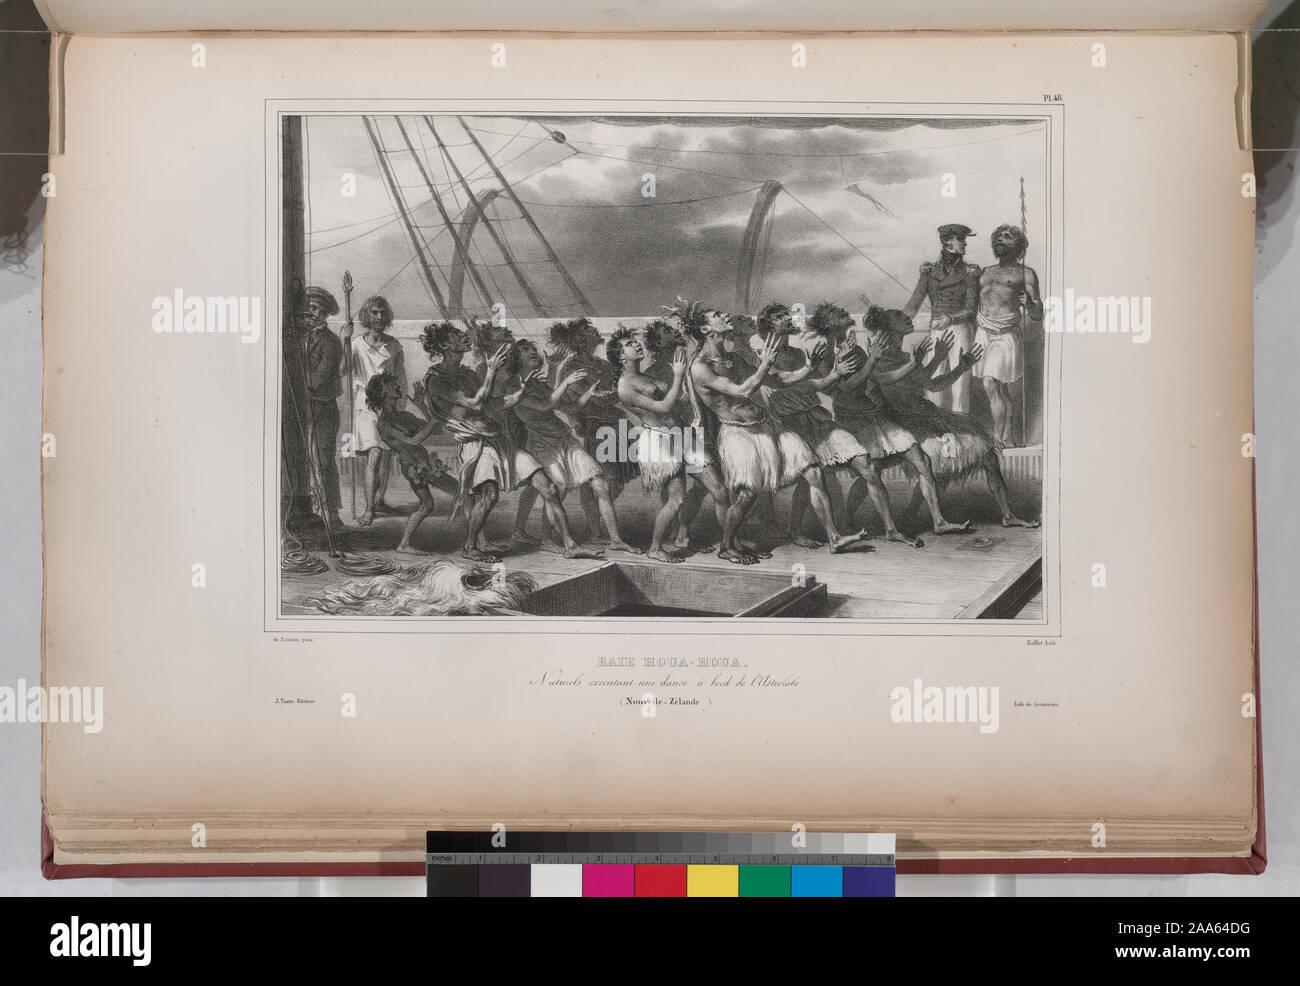 Baie Houa-Houa. Naturels exécutant une danse à bord de l' Astrolabe. (Nouvelle-Zélande.).; Baie Houa-Houa. Naturels exécutant une danse à bord de l' Astrolabe. (Nouvelle-Zélande.). Stock Photo